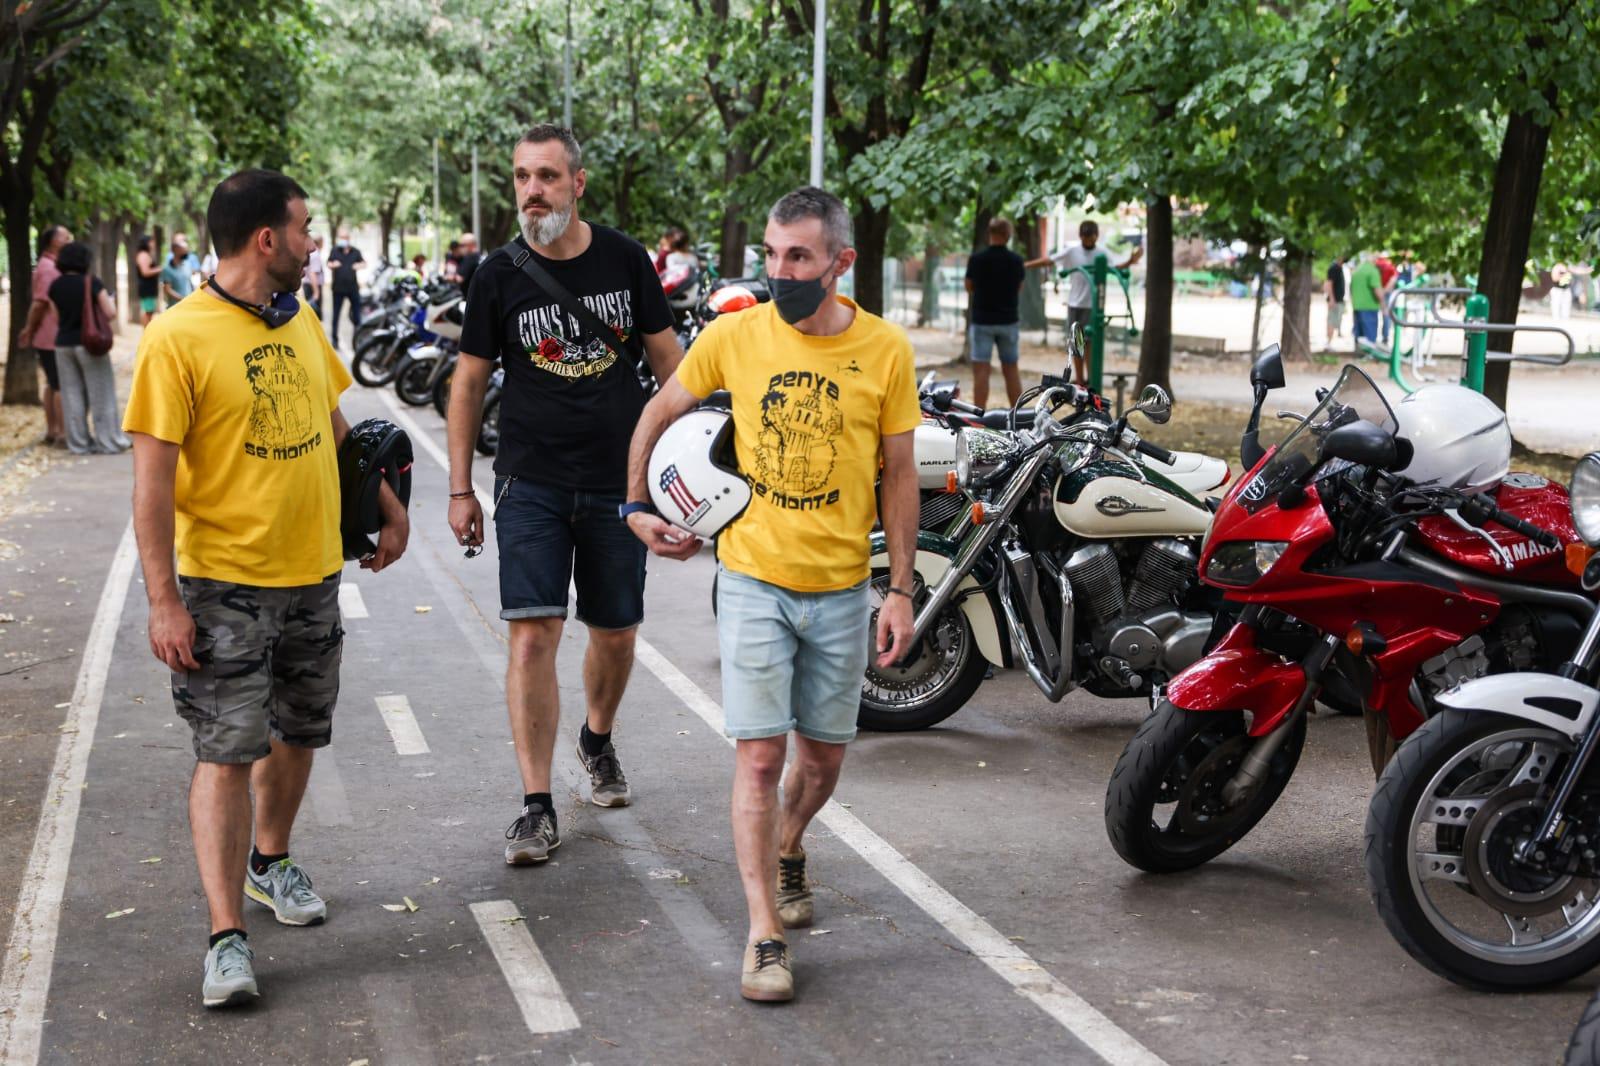 XVIII Concentració i Passejada de Motos FOTO: Lali Puig